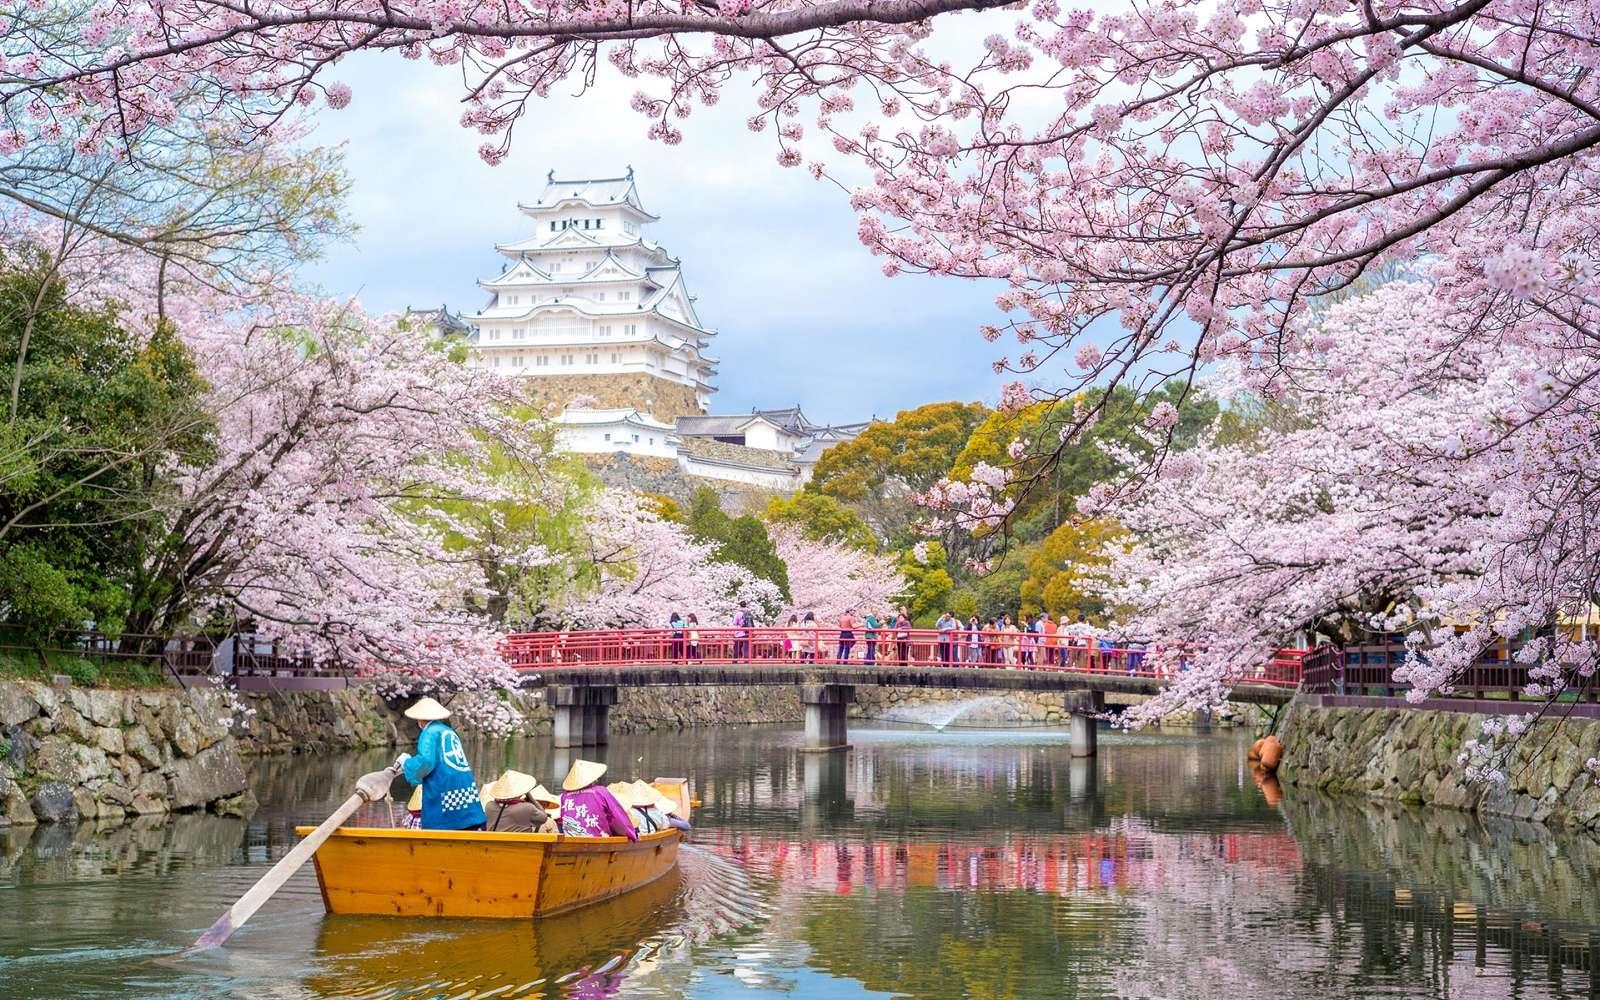 Hauteur Cerisier Du Japon exceptionnel : au japon, des cerisiers fleurissent en automne